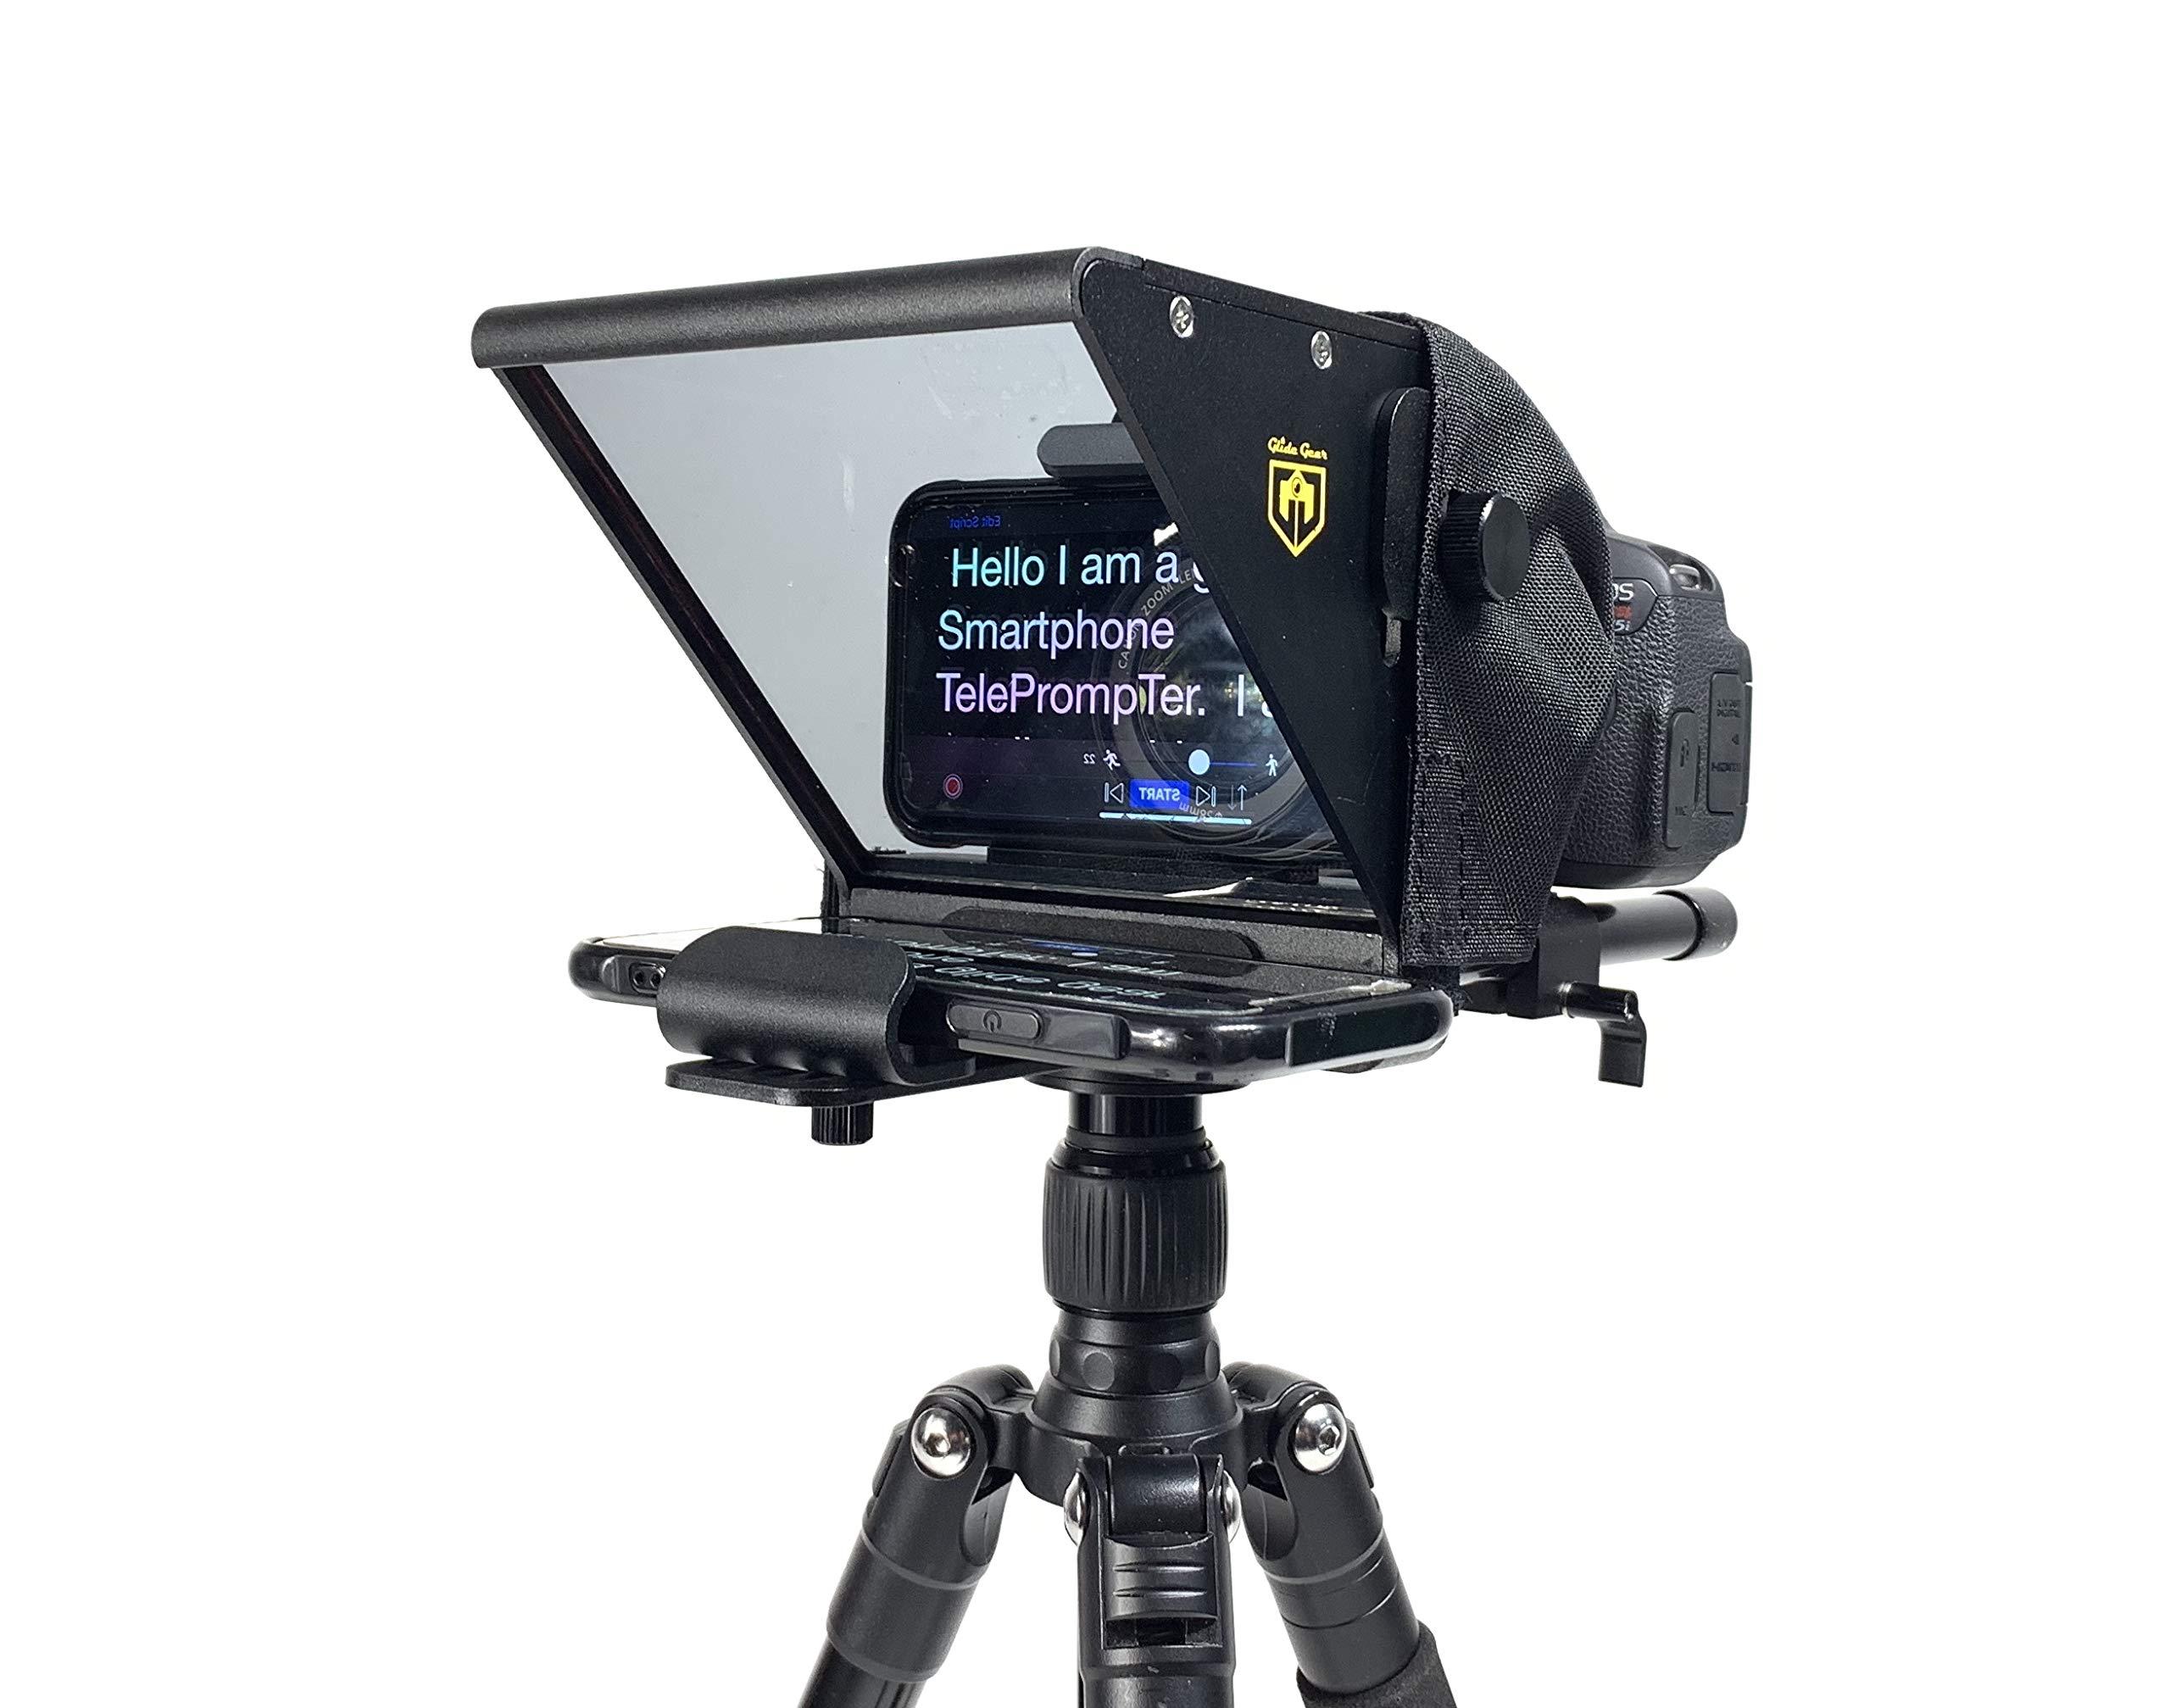 Glide Gear TMP 75 Laptop Smartphone Prompt DSLR Video Teleprompter by Glide Gear